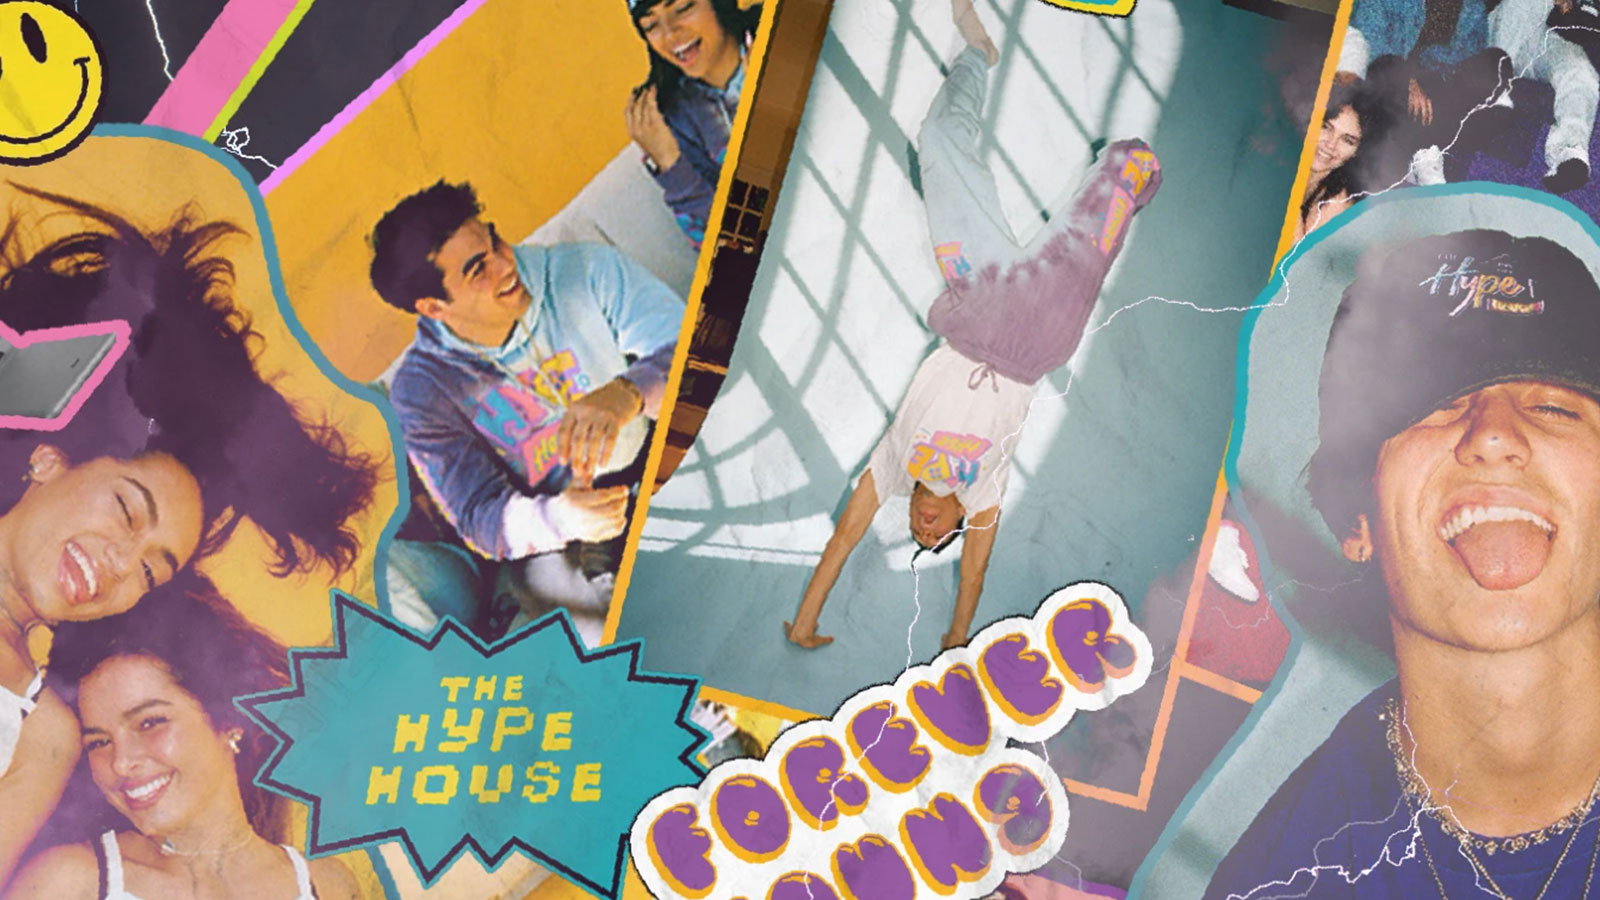 La hype house s'est offert un fabuleux nouveau manoir